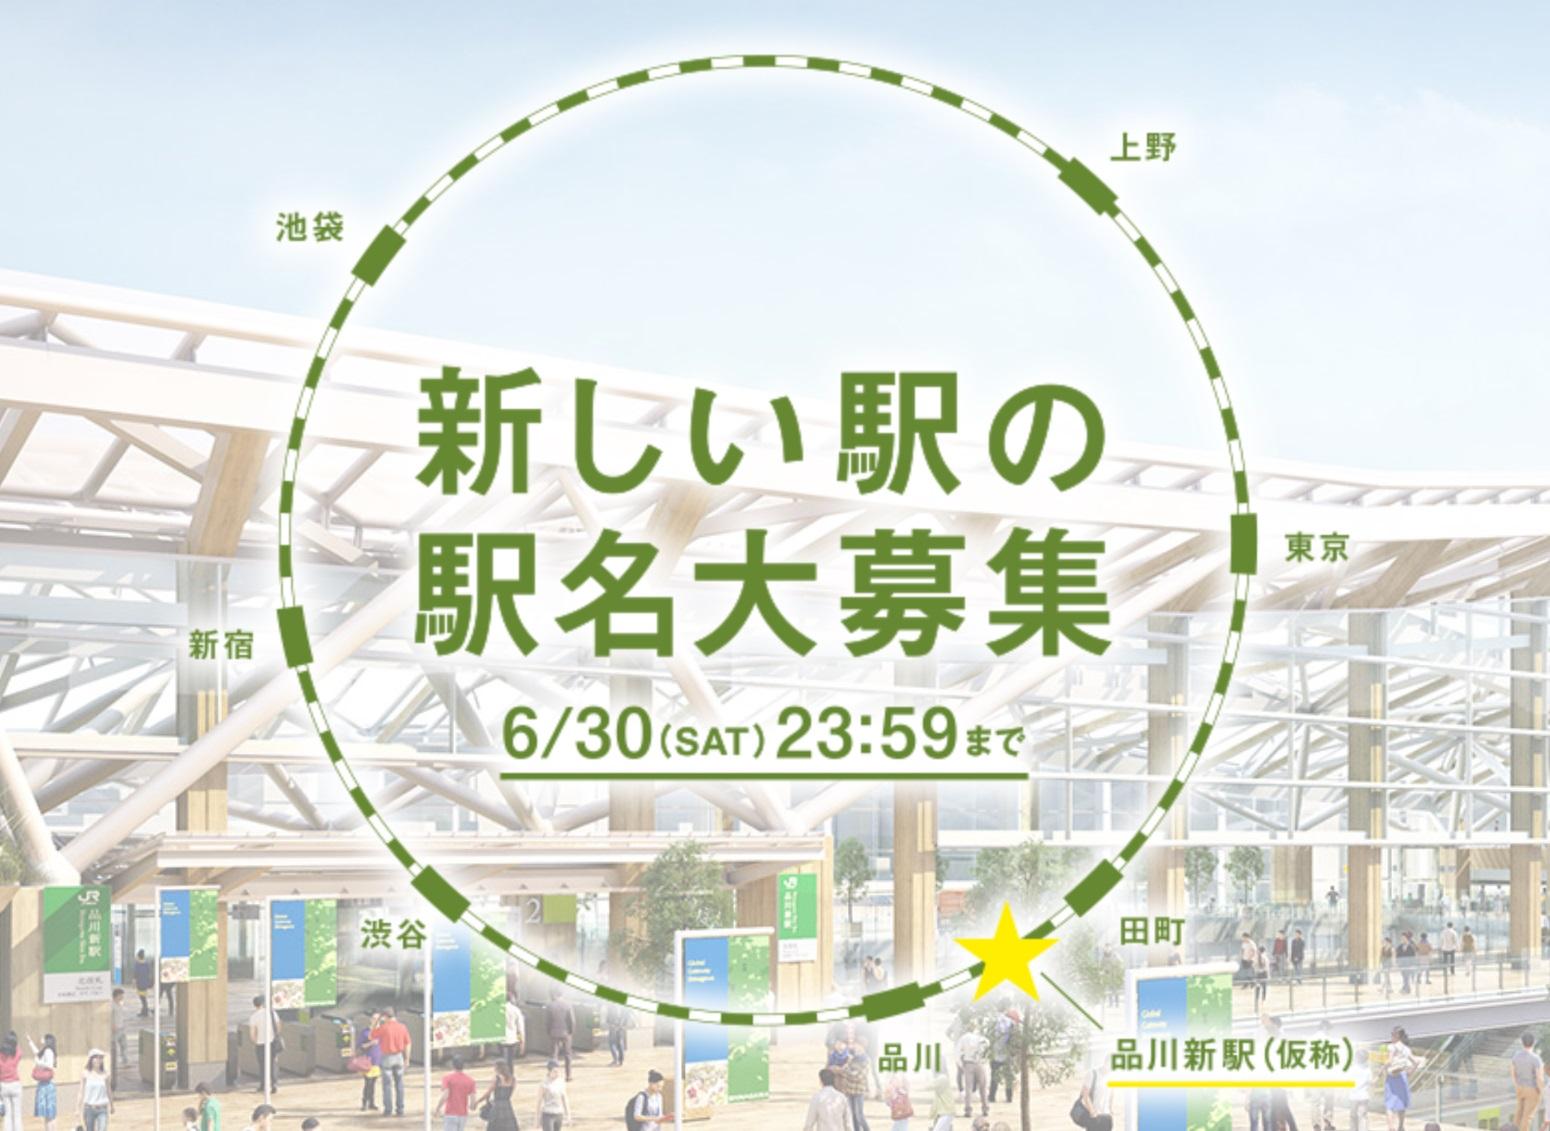 新しい駅の名付け親になりませんか?品川新駅の駅名を募集中!